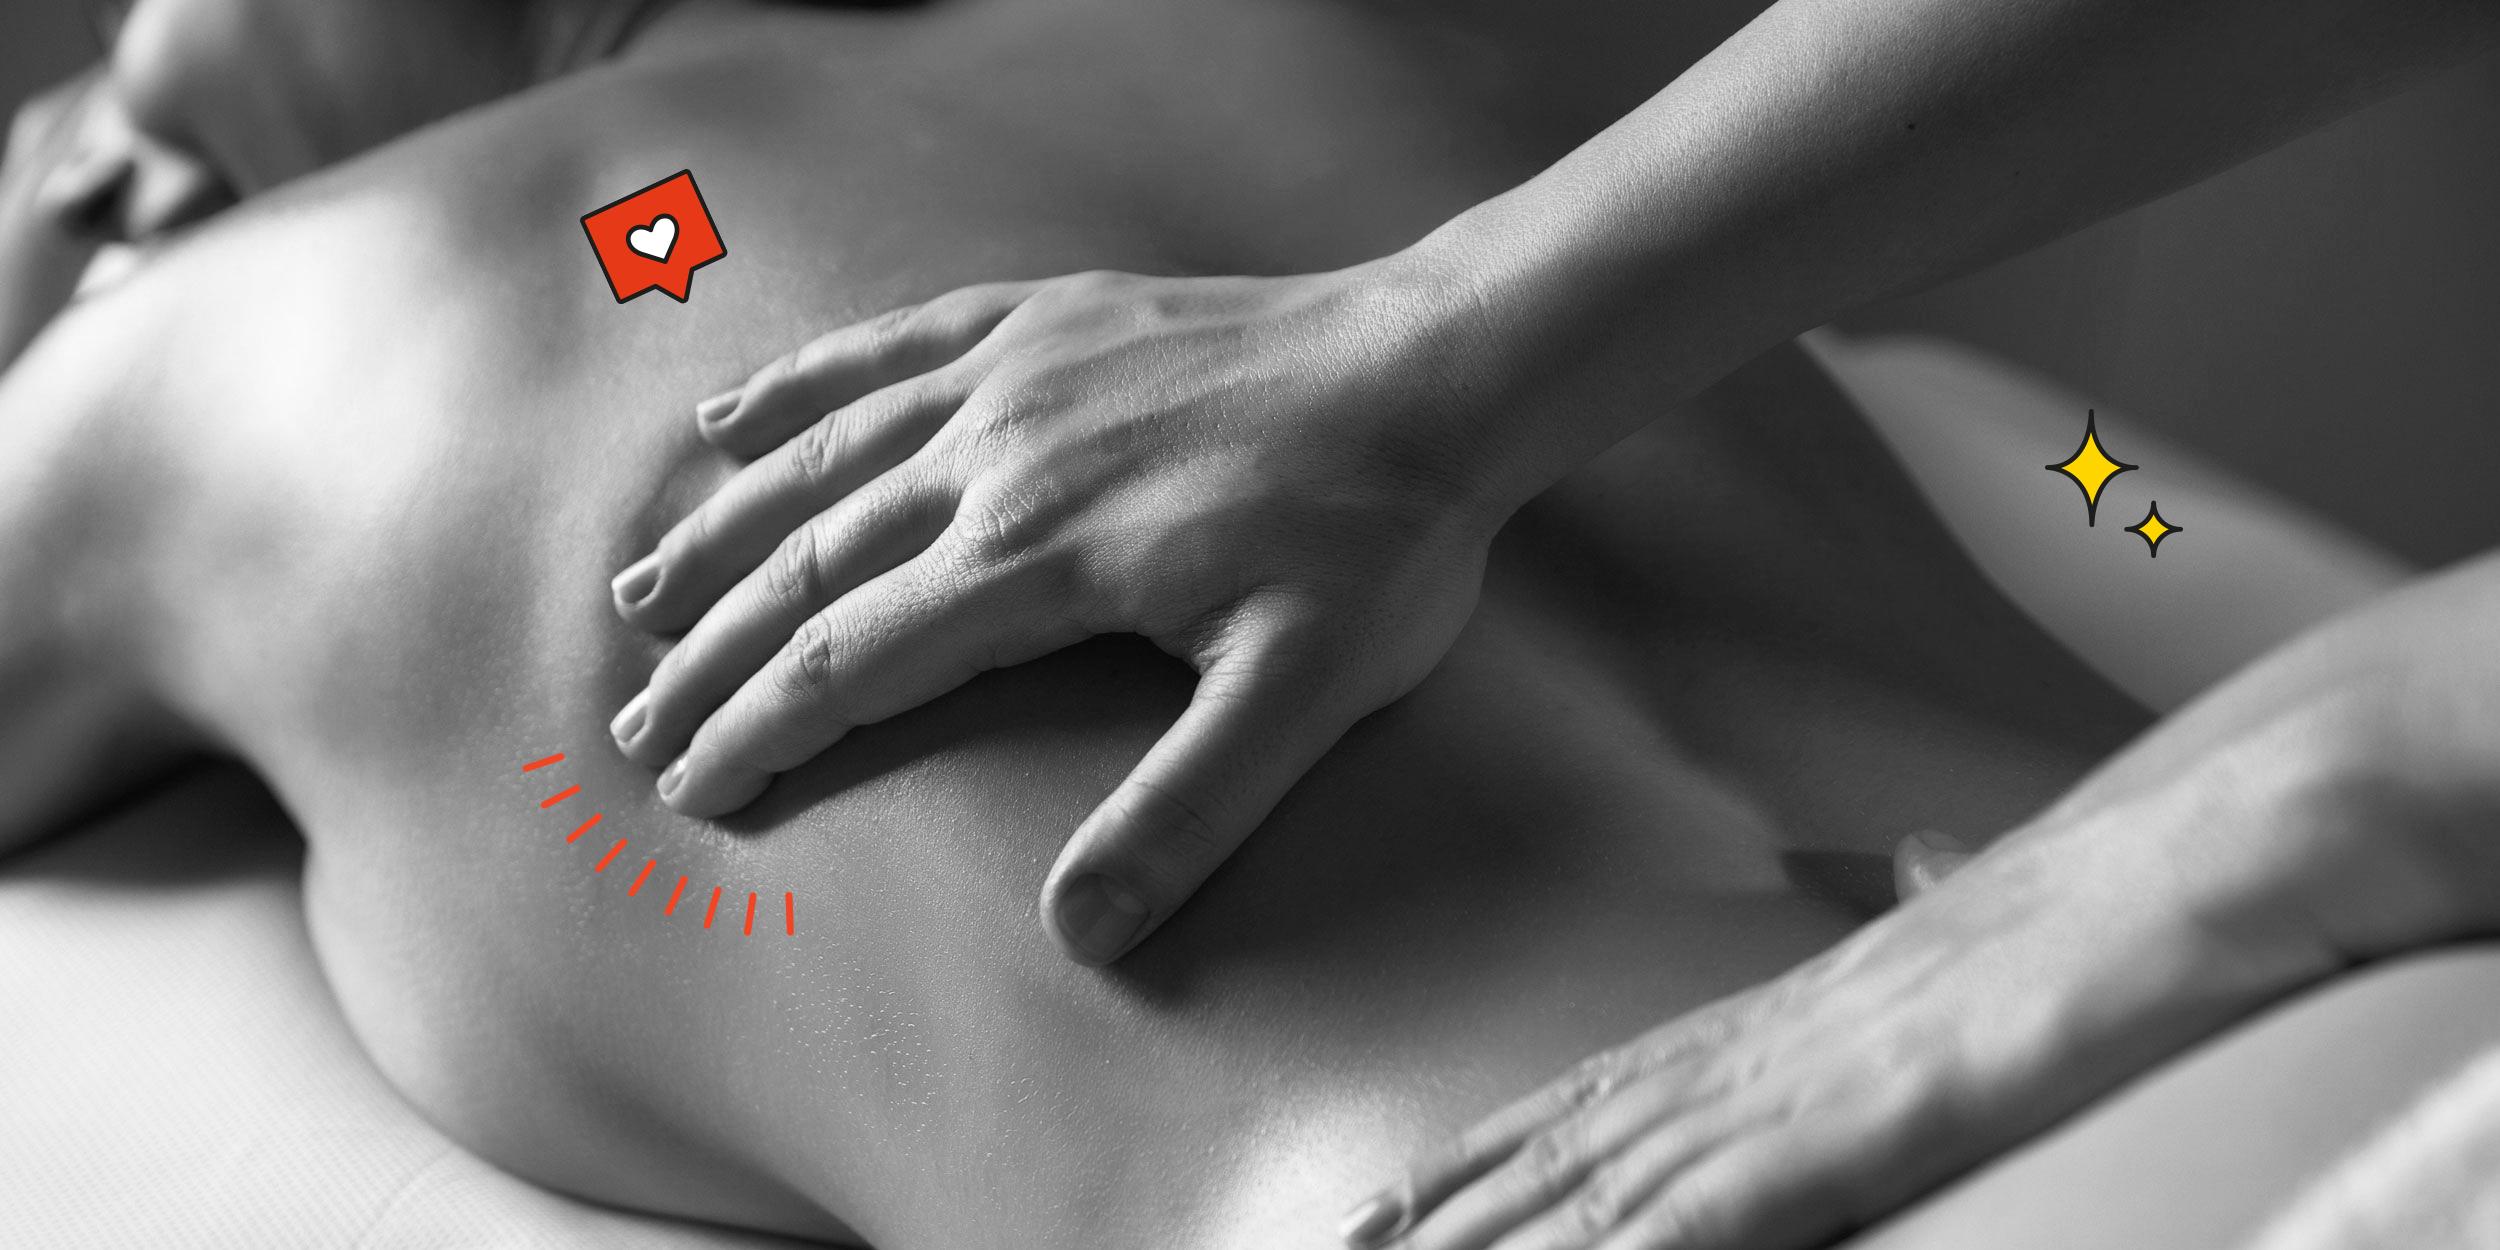 Tantra massage penis Slow Intense